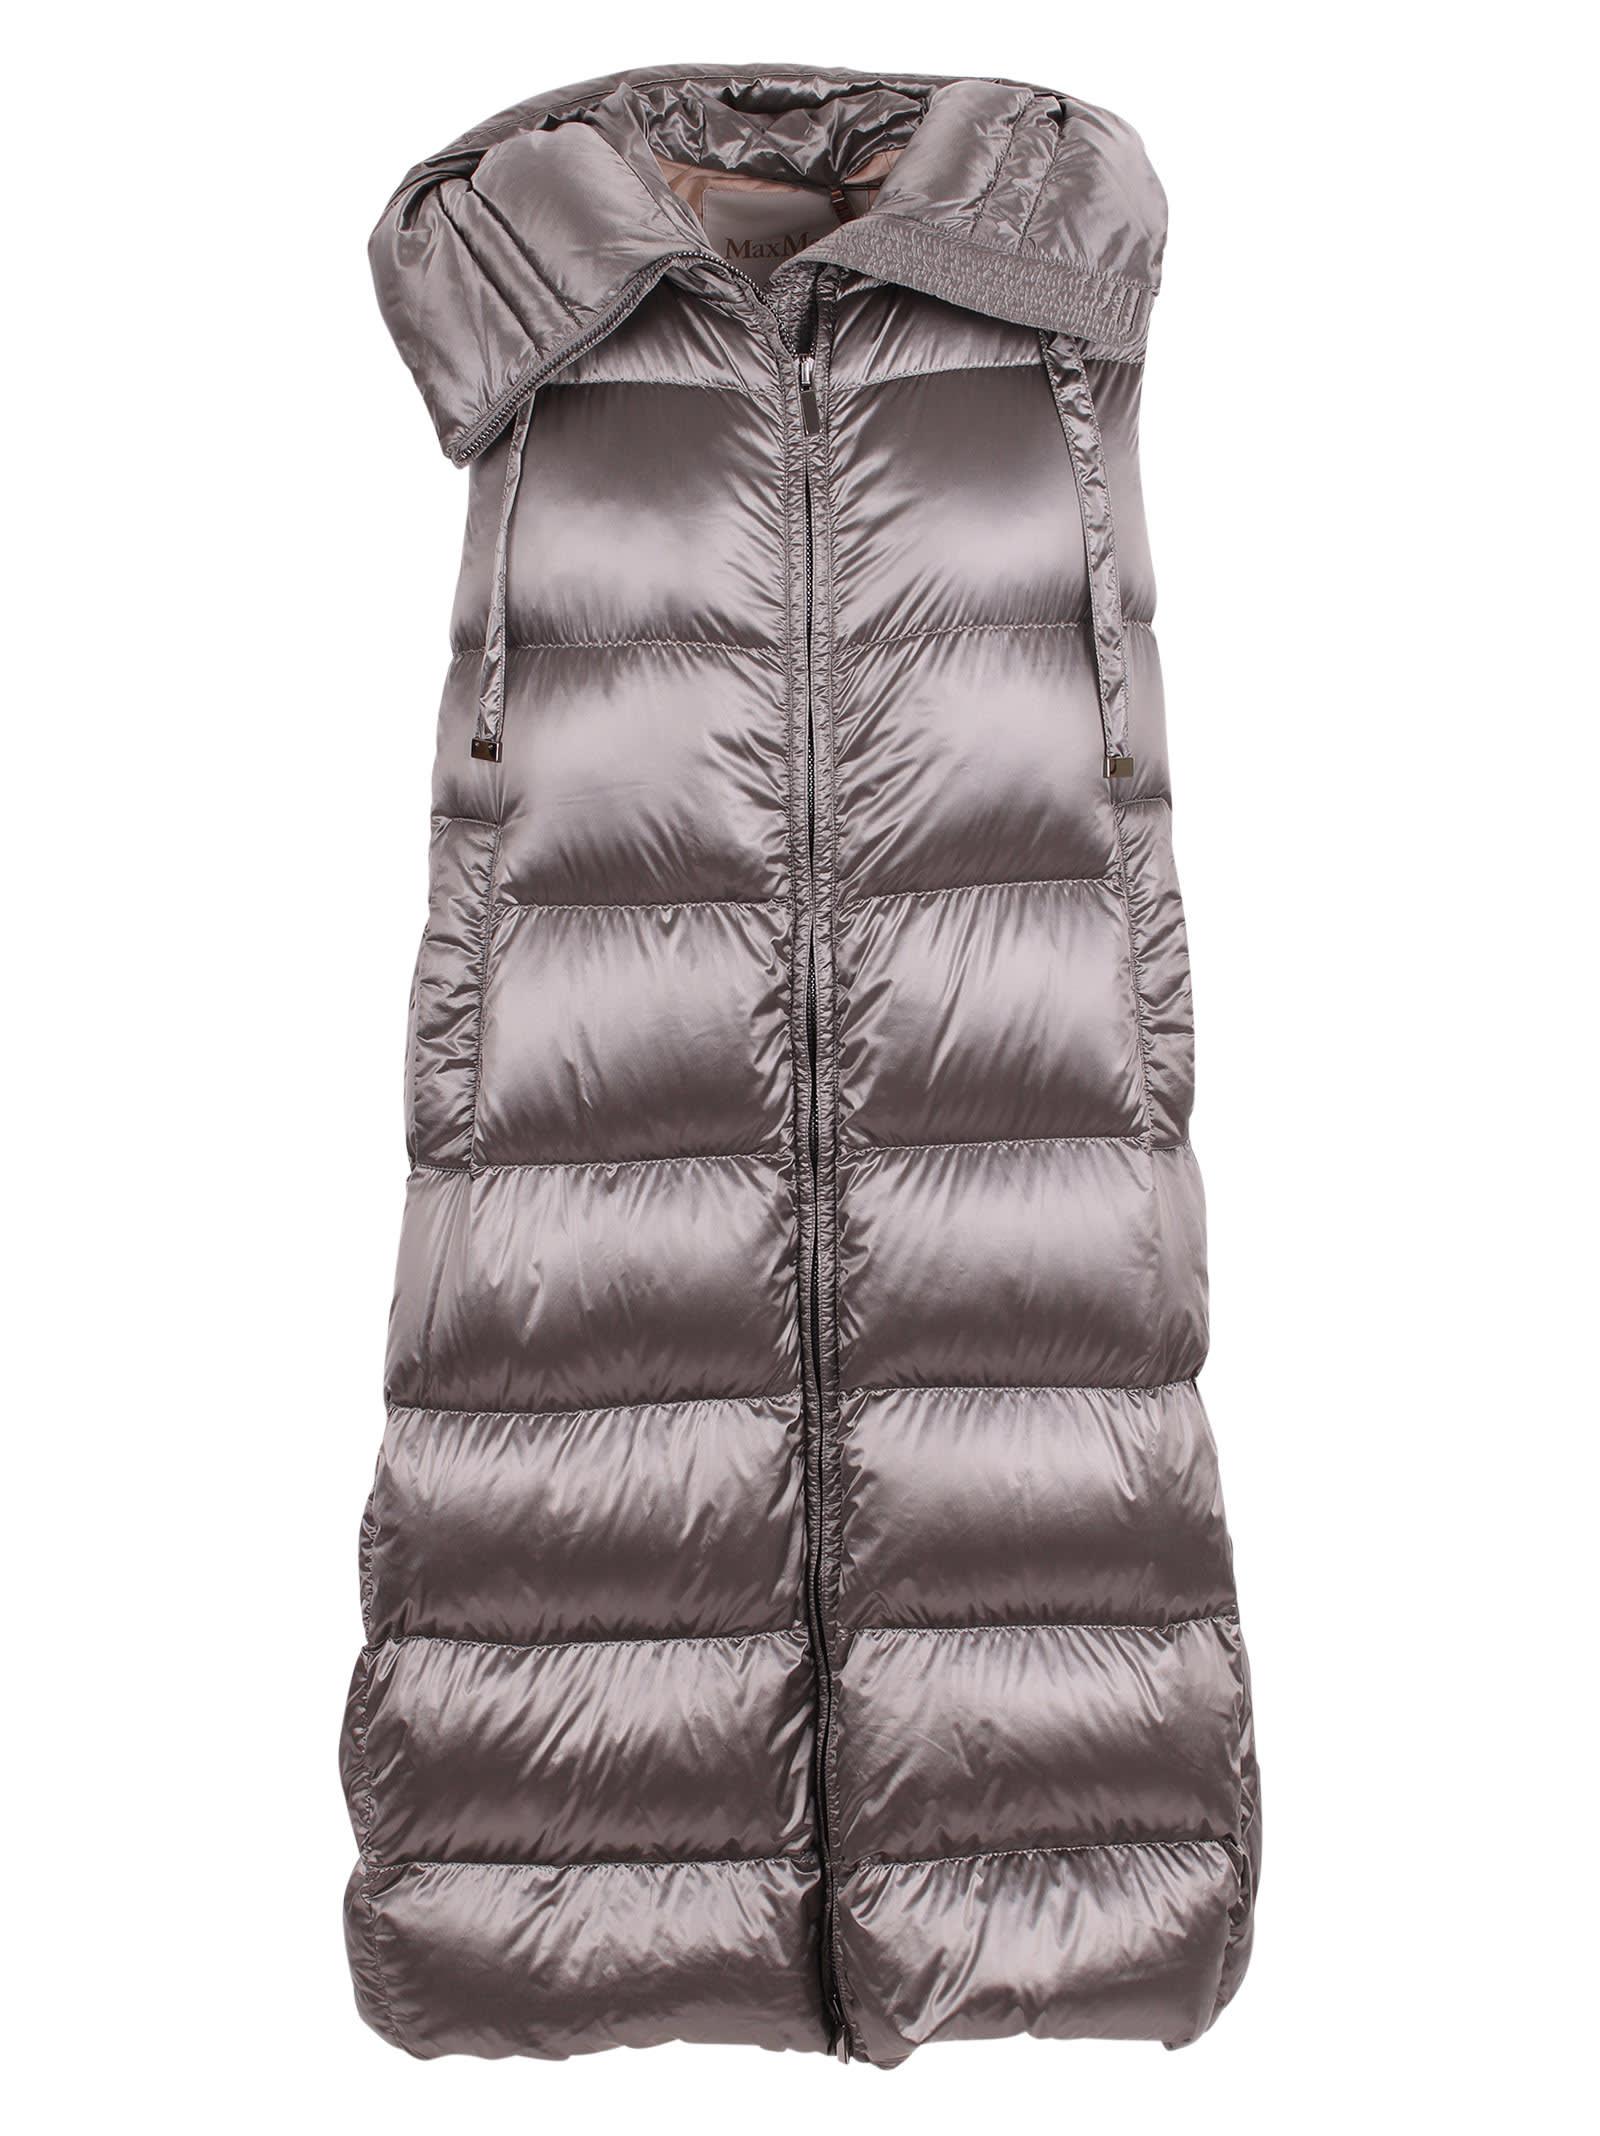 spacegi Technical Fabric Vest